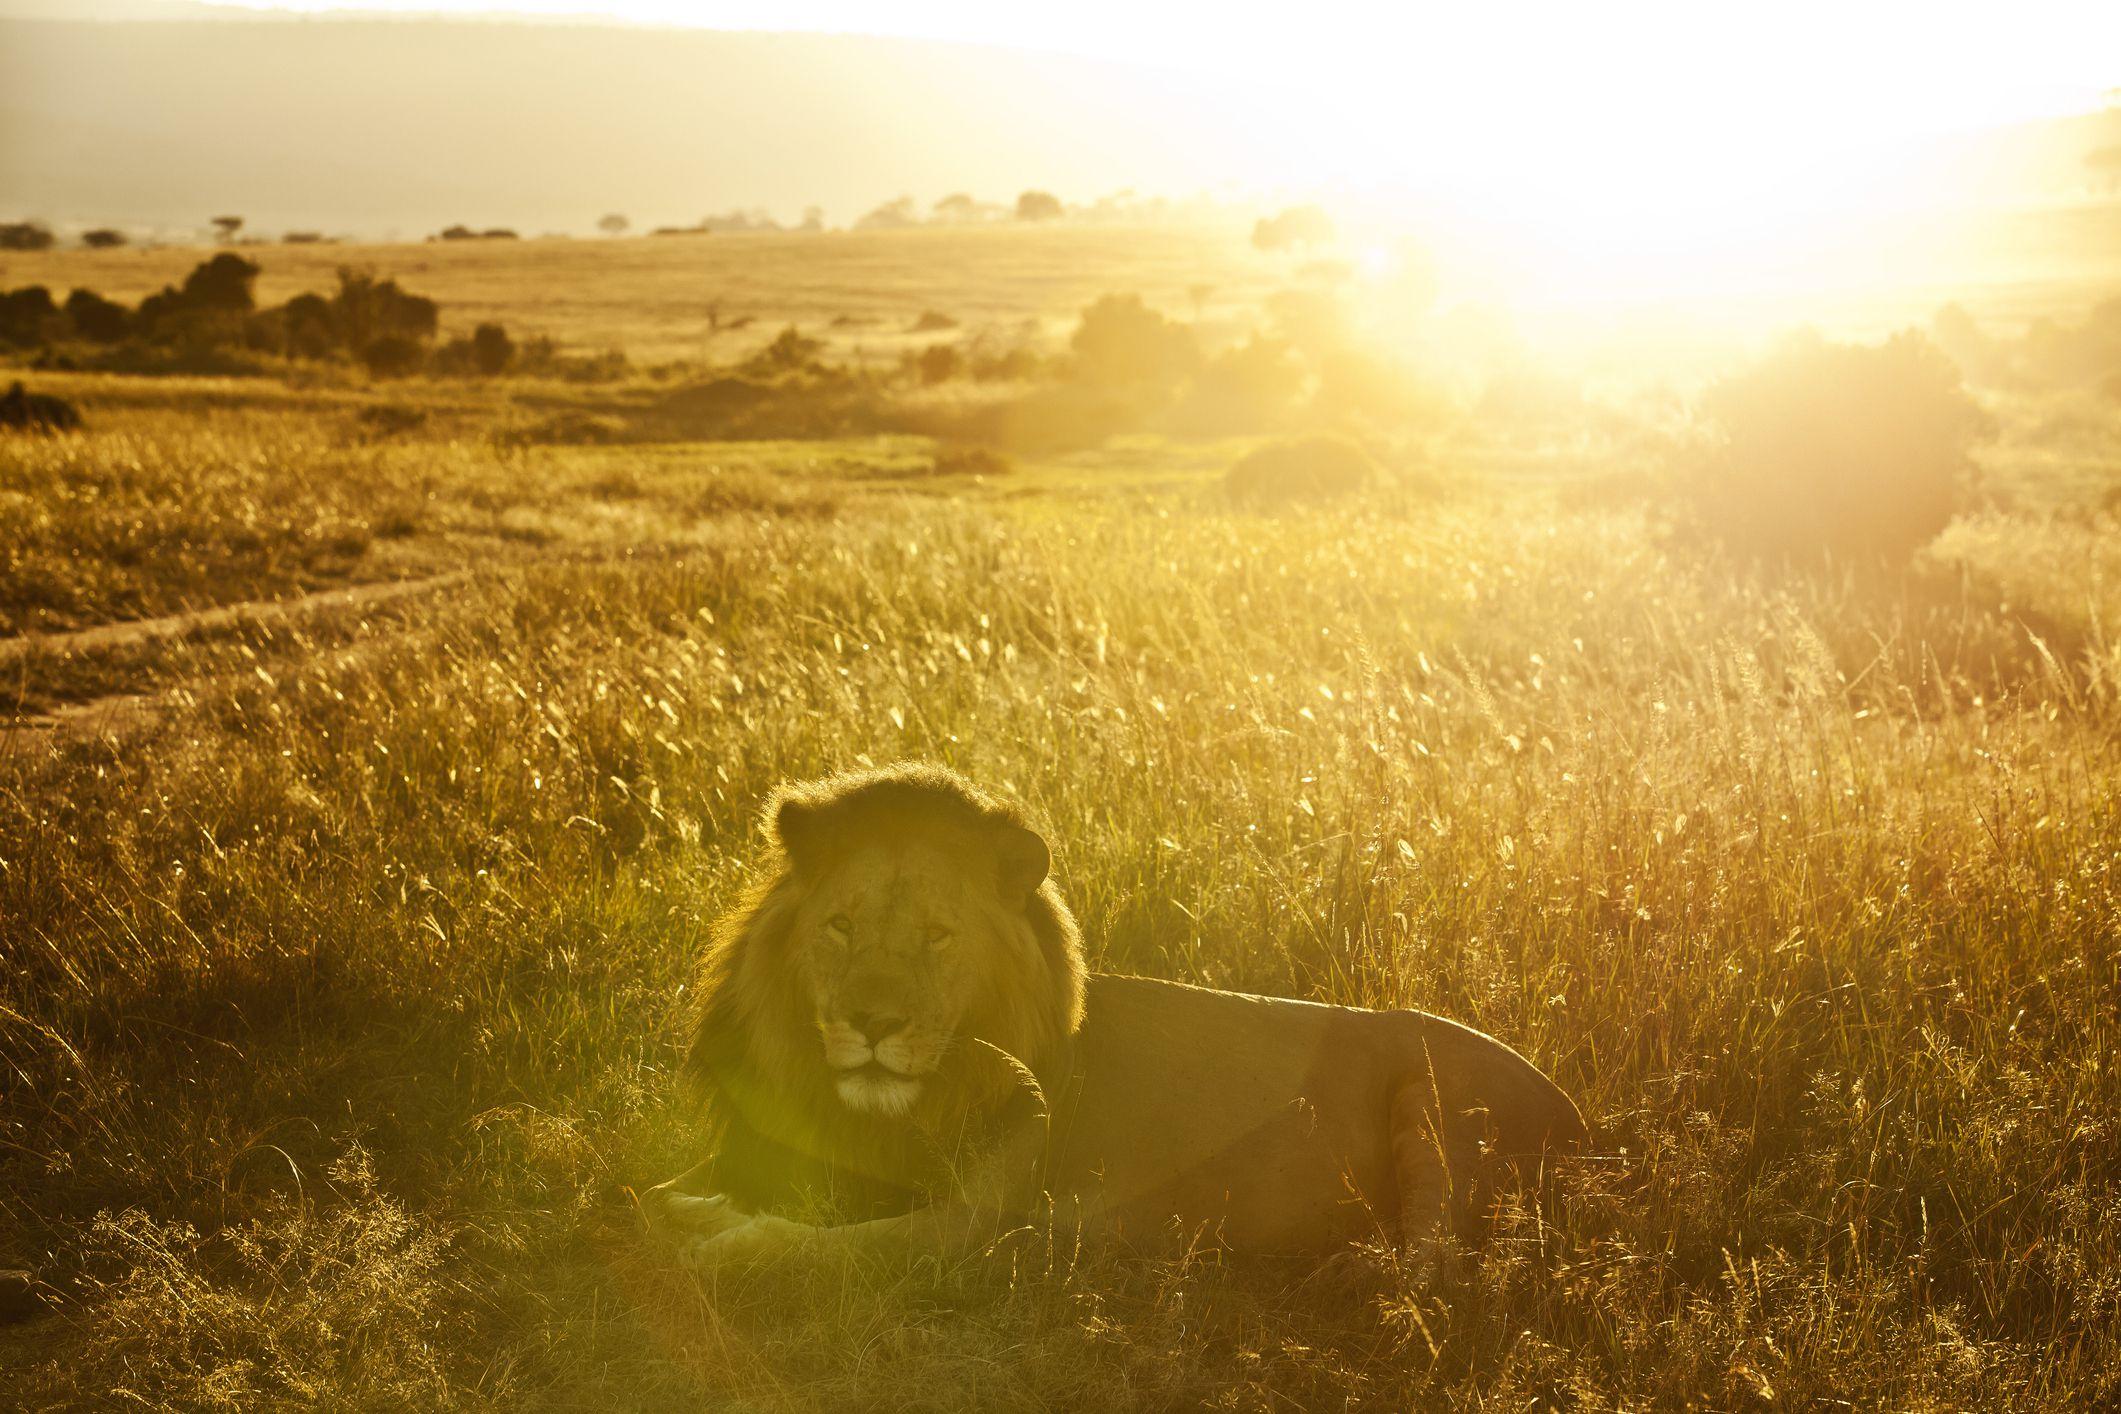 лев и солнышко картинки положить хозяйственных